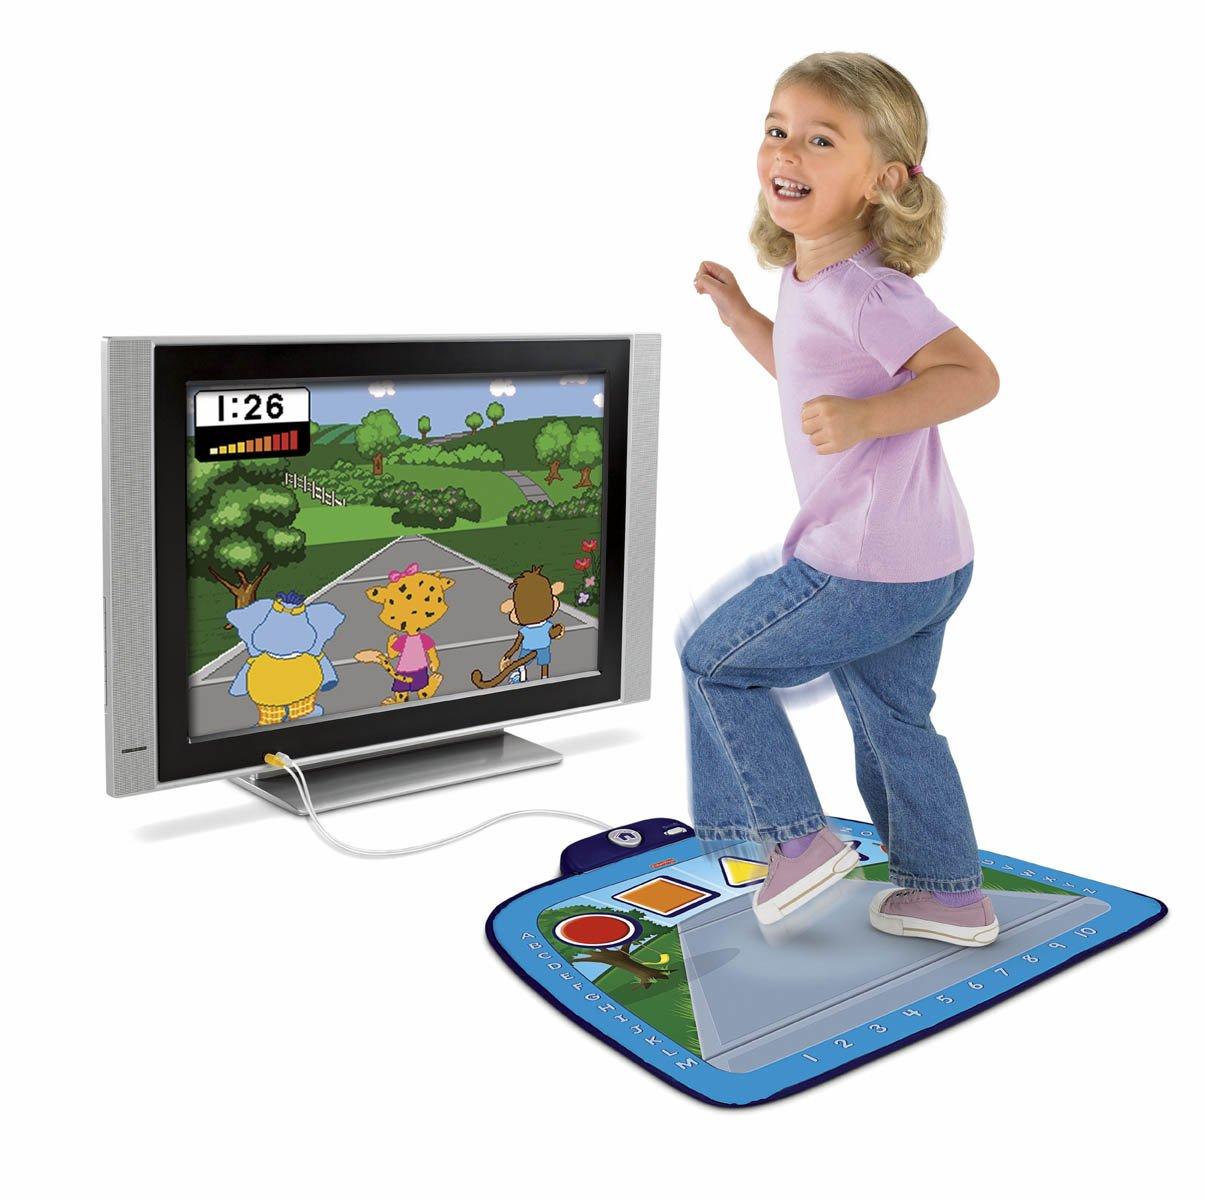 B001W1UEK2 Fisher-Price Fun-2-Learn Smart Fit Park 71nrE6hnIzL._SL1205_